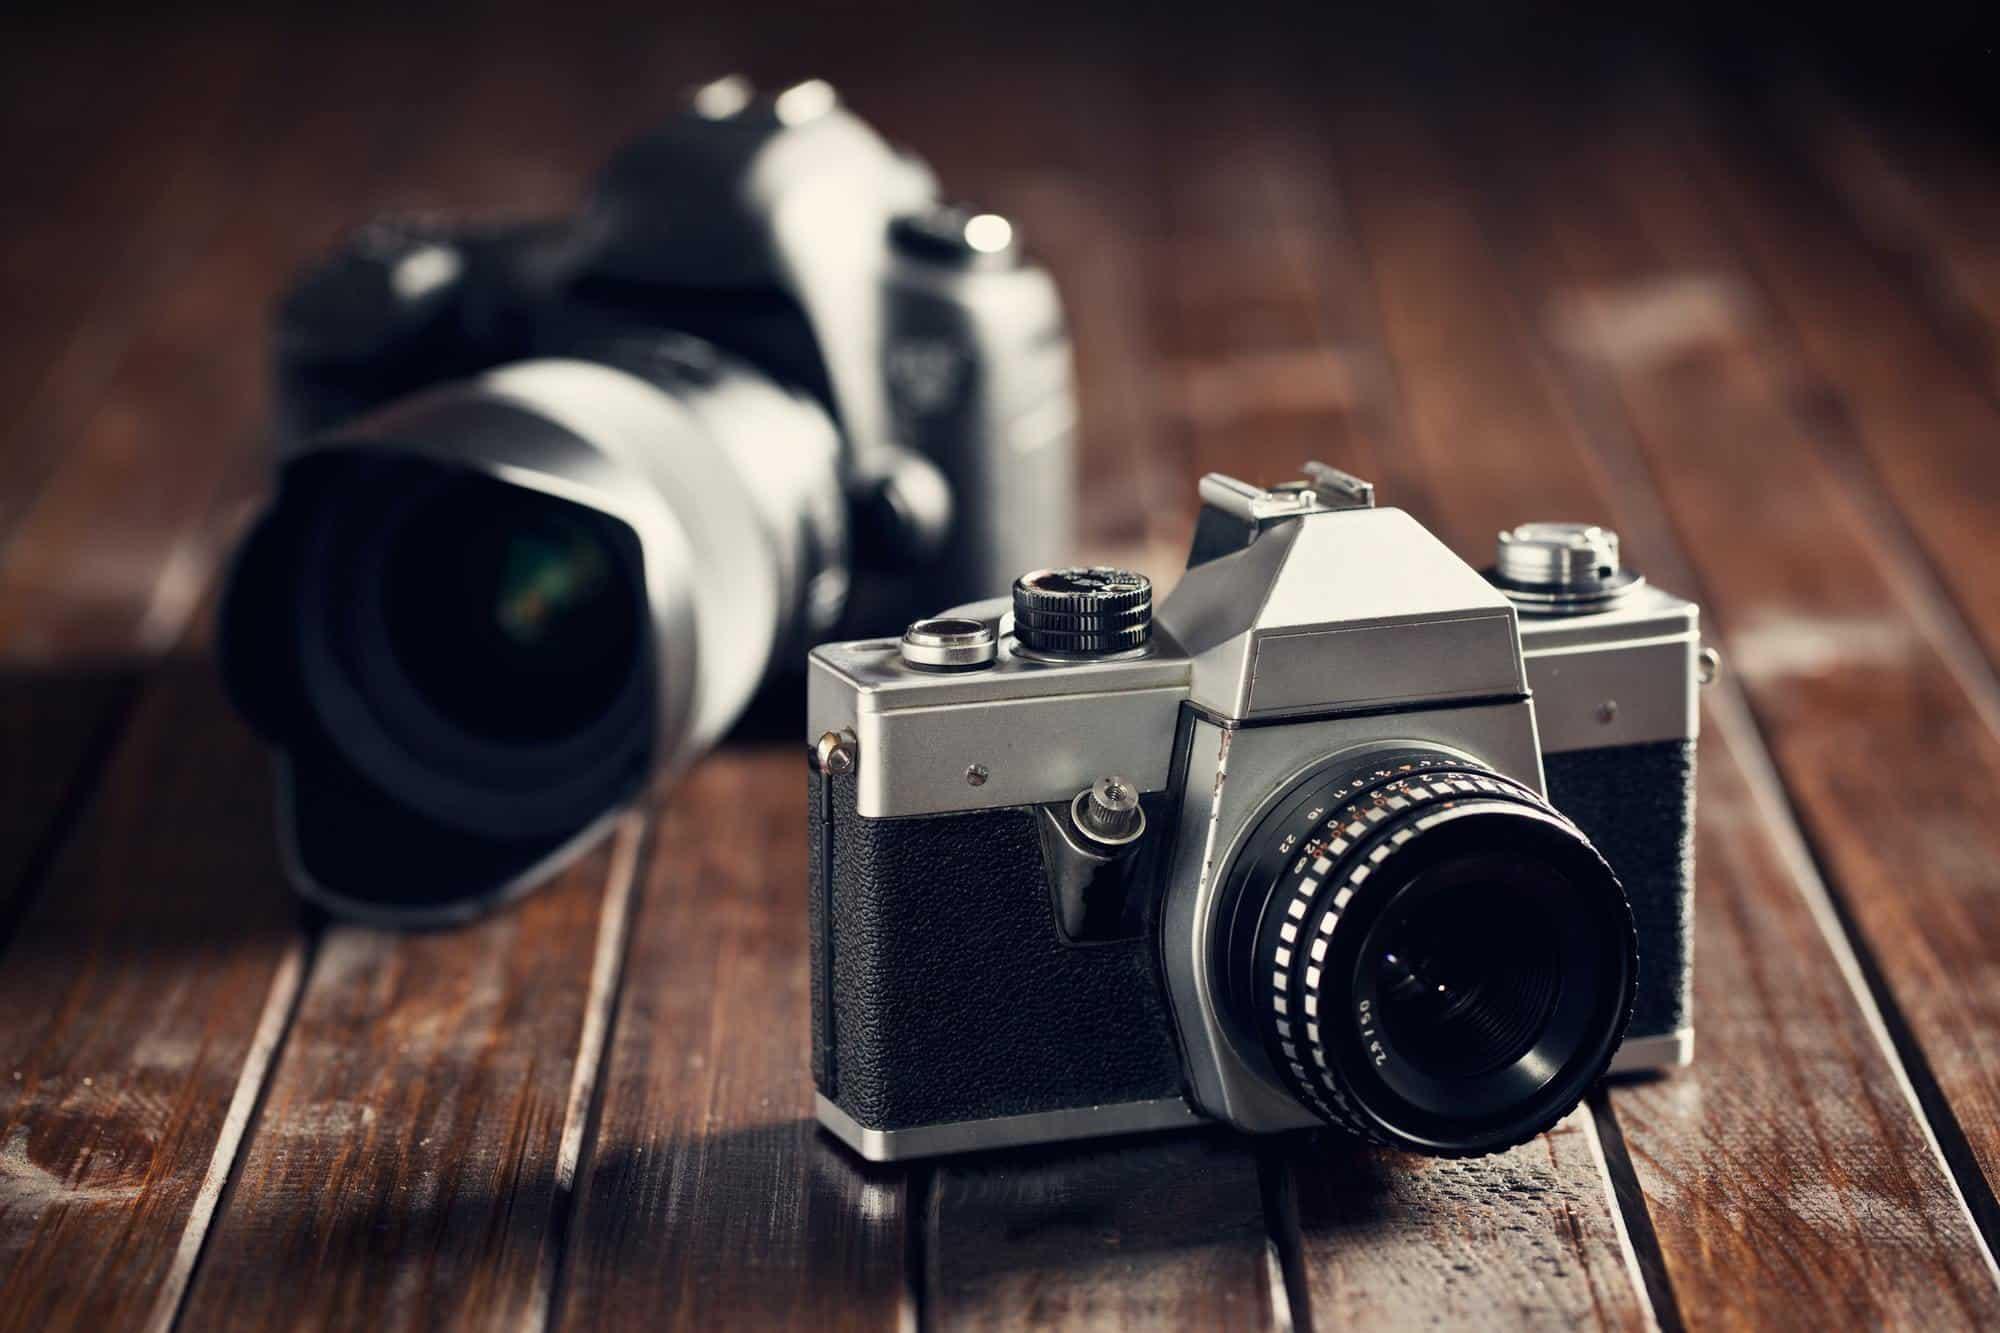 retro and dslr camera